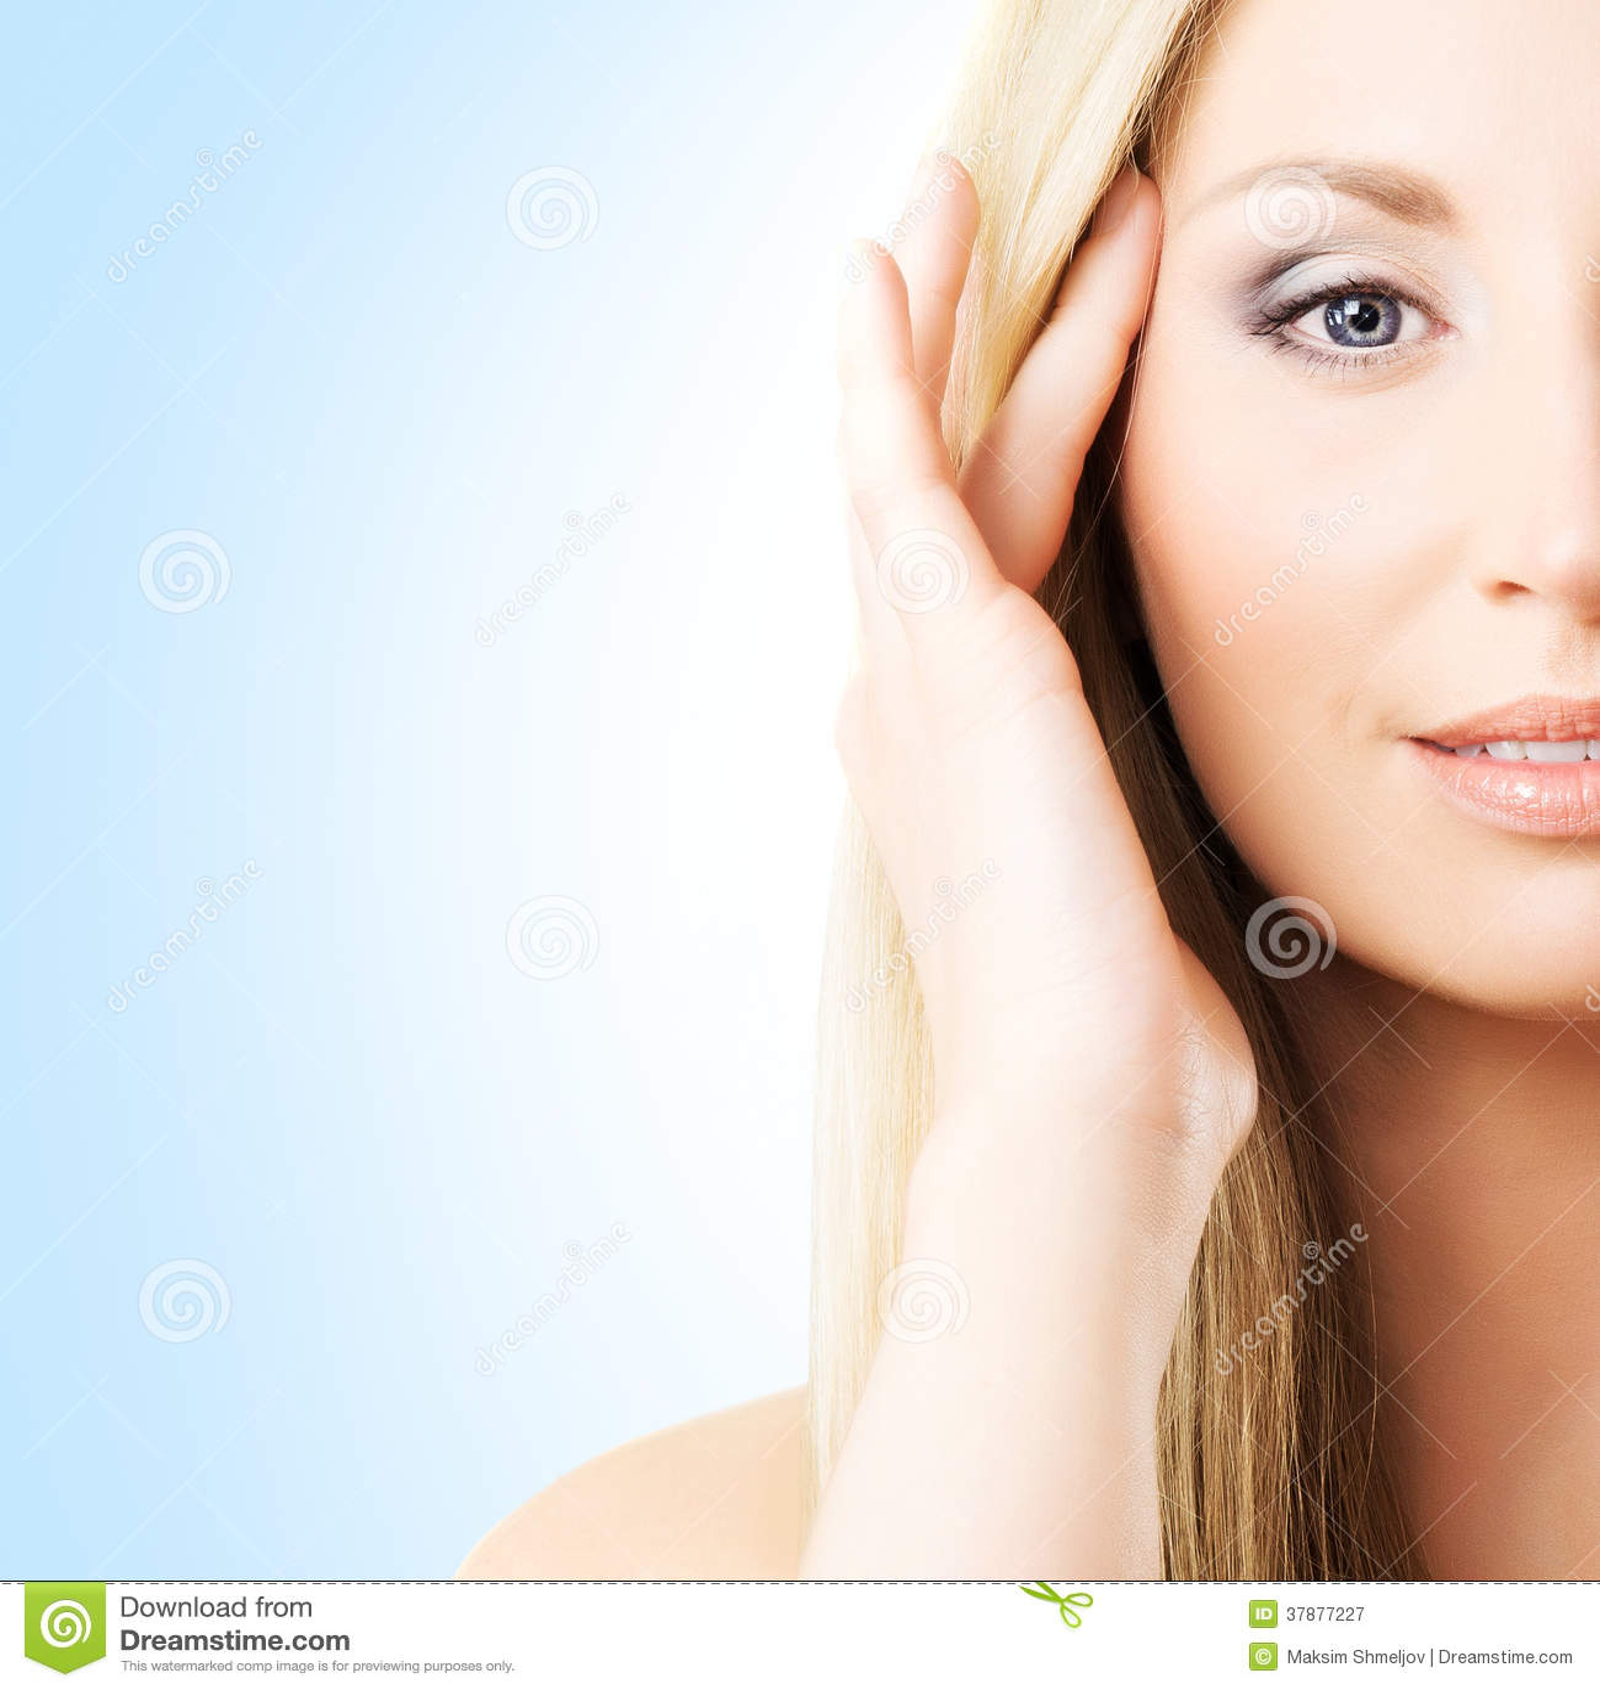 Portret van een jonge vrouw in make-up op een blauwe achtergrond